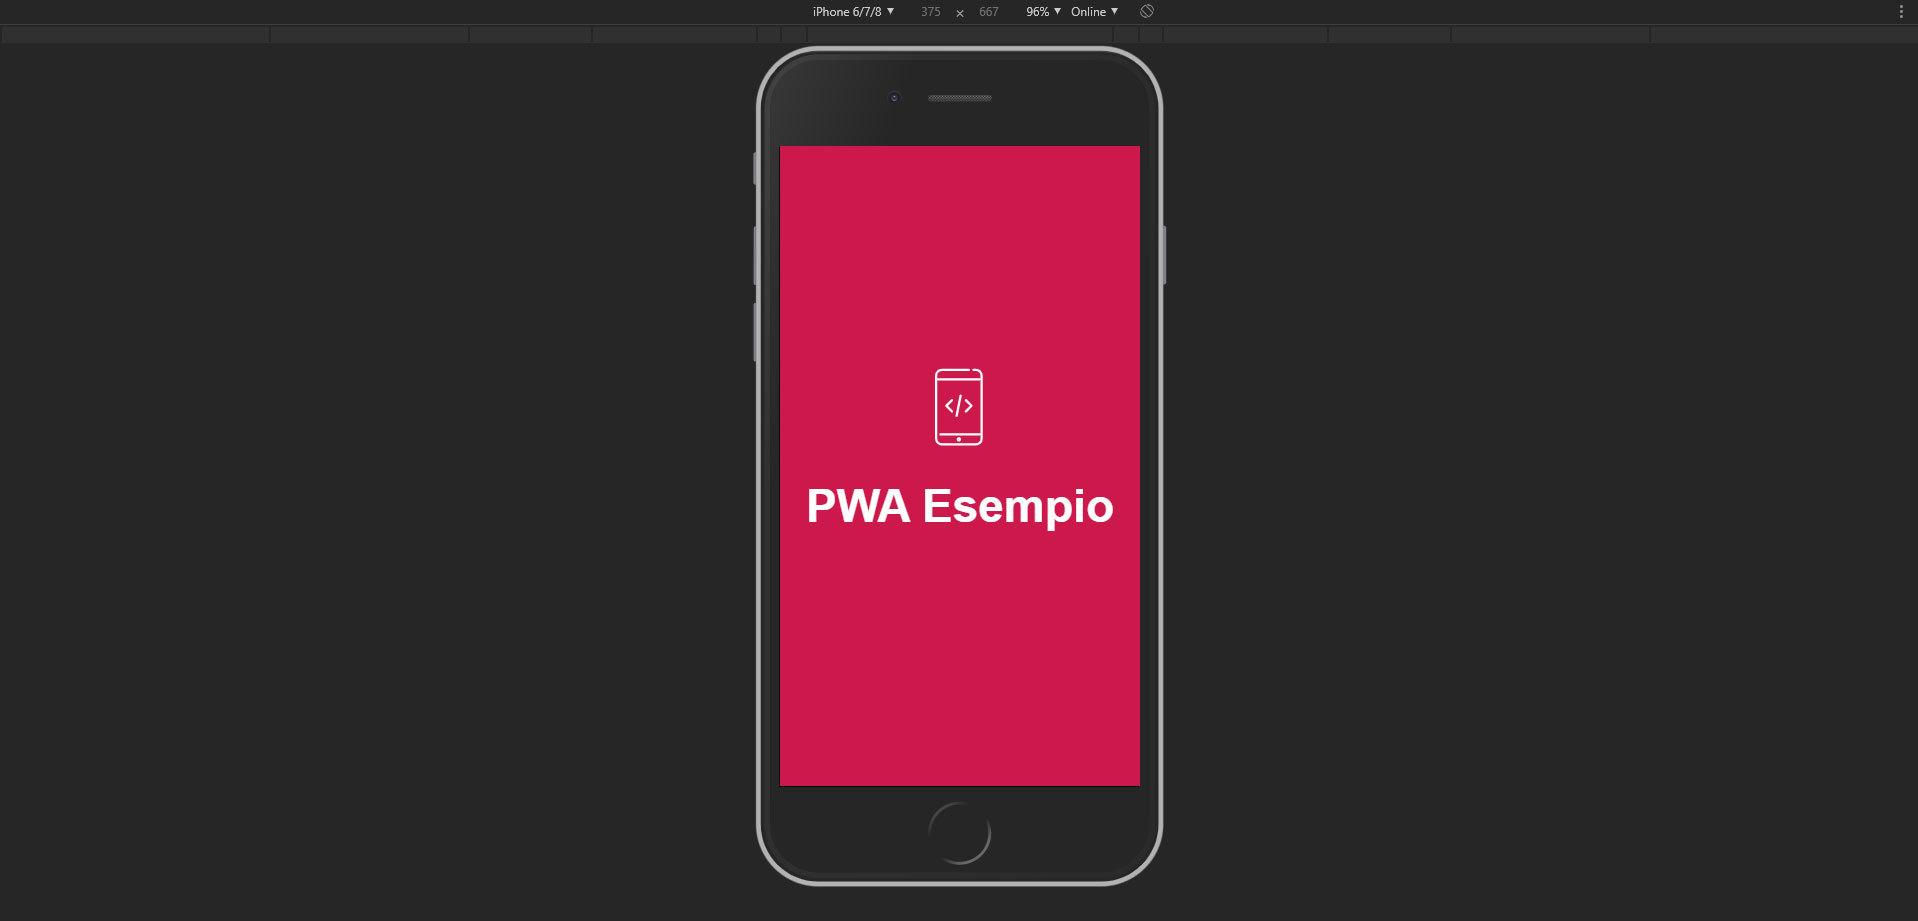 PWA di Esempio